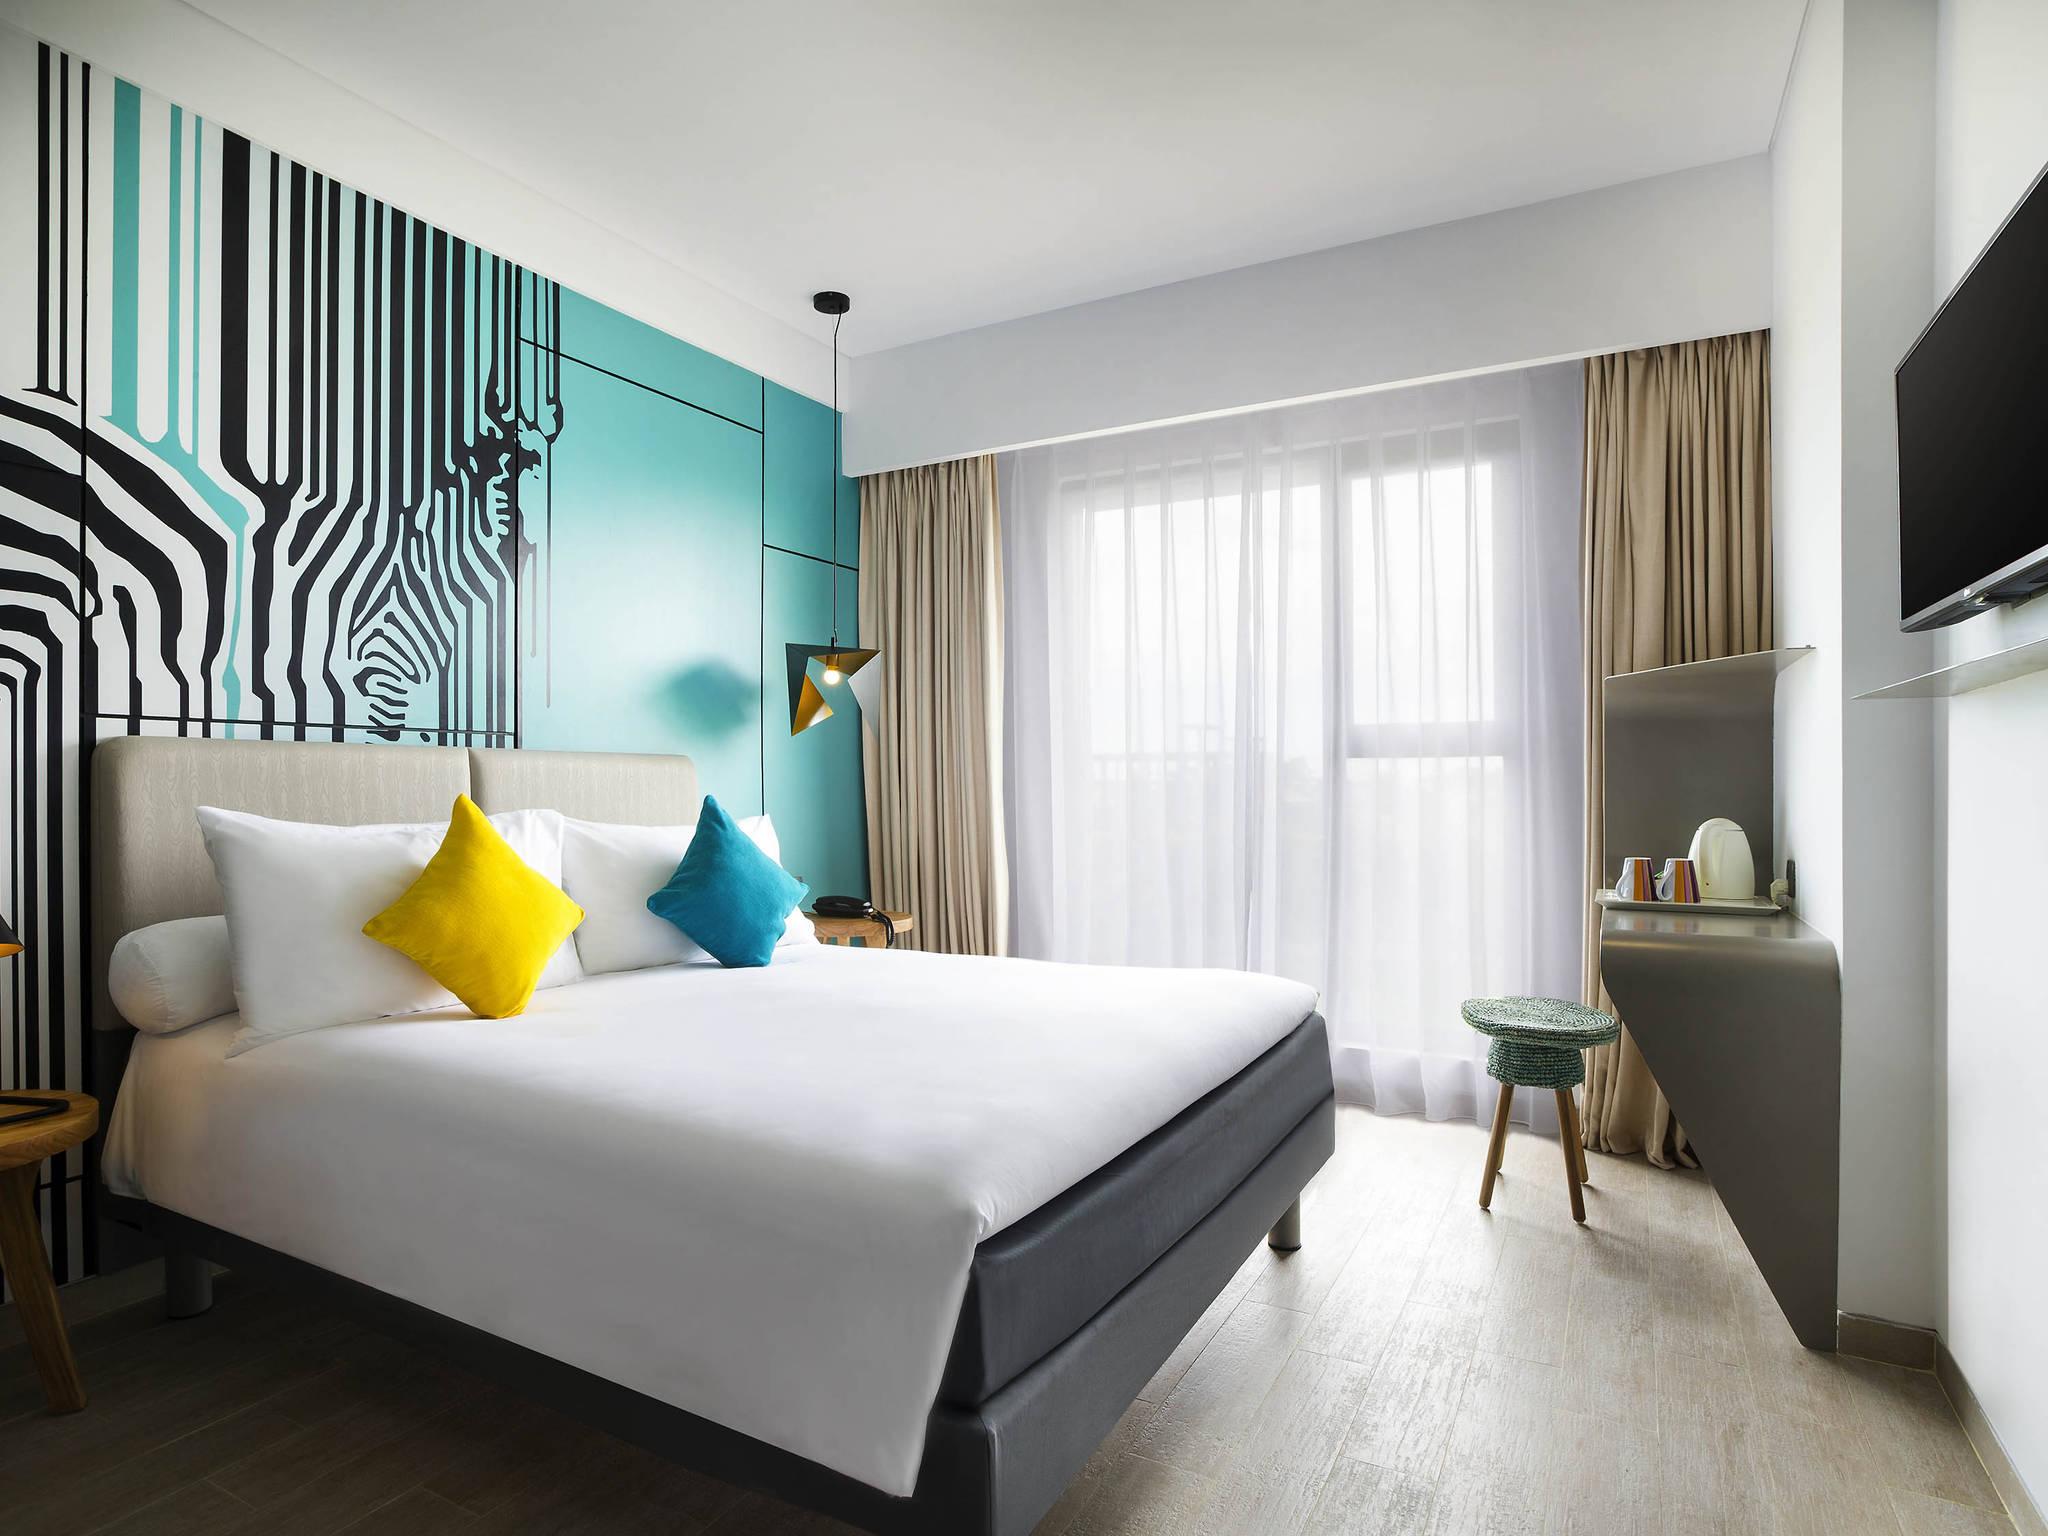 Florida Hotel Room Tax